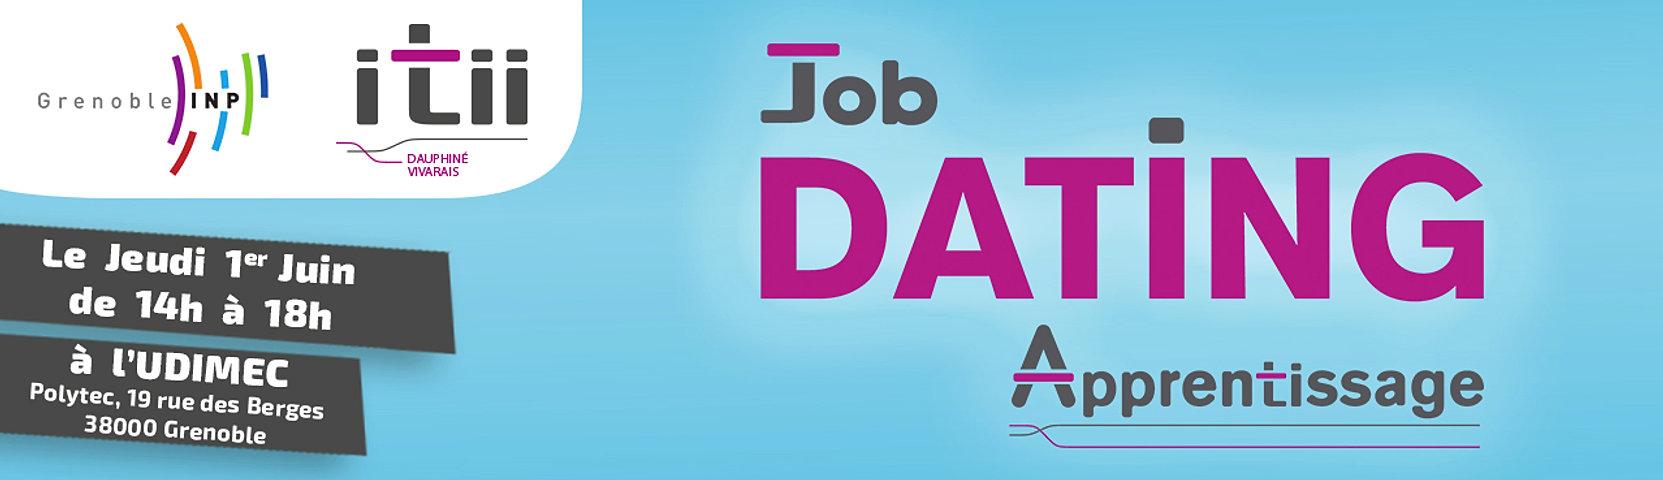 job dating alternance grenoble